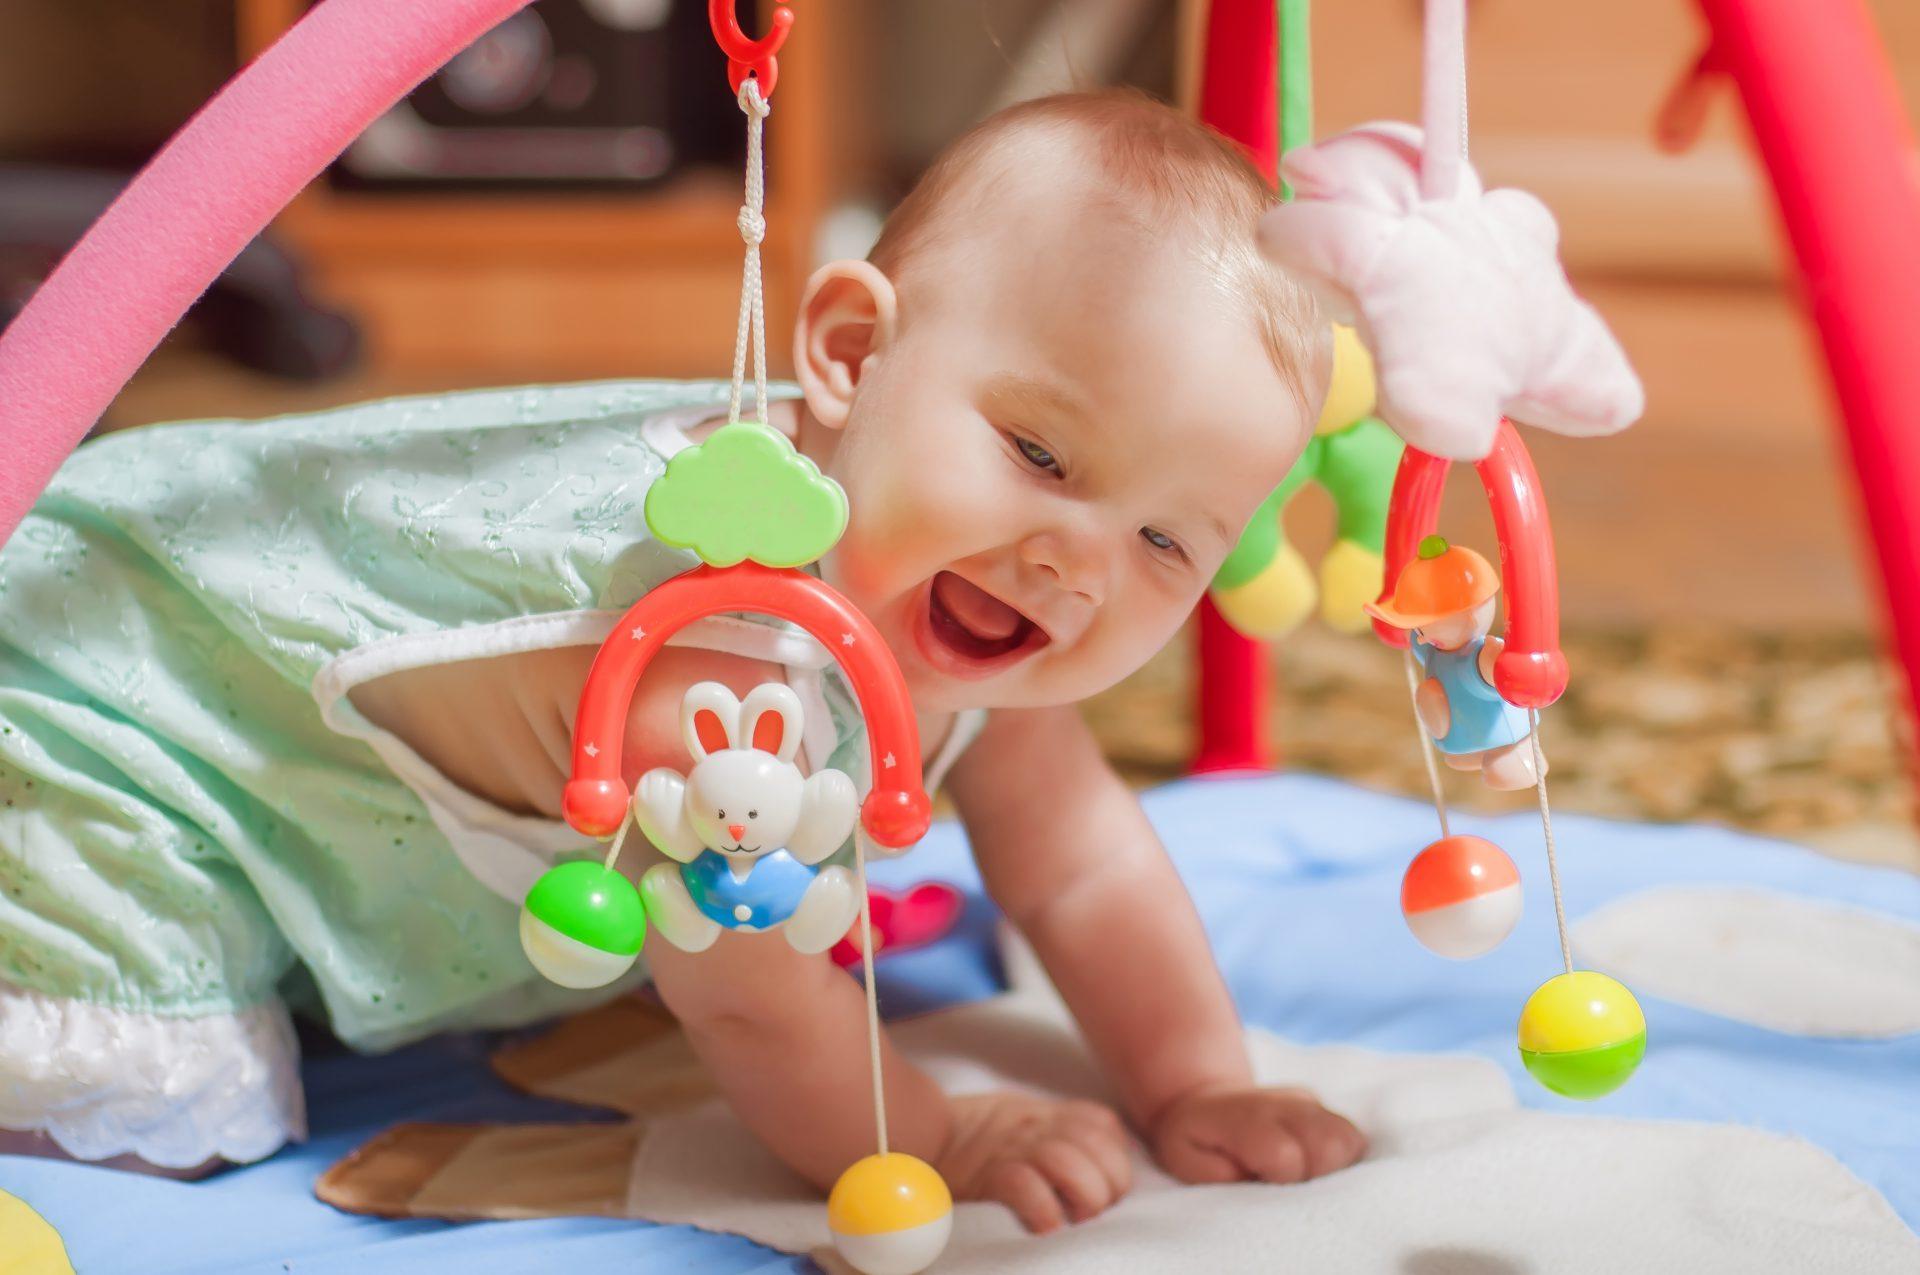 ענבלתנועה   קורס התפתחות תינוקות מגיל חודש ועד שנה. כל מה שרצית לדעת על שלבי התפתחות התינוק